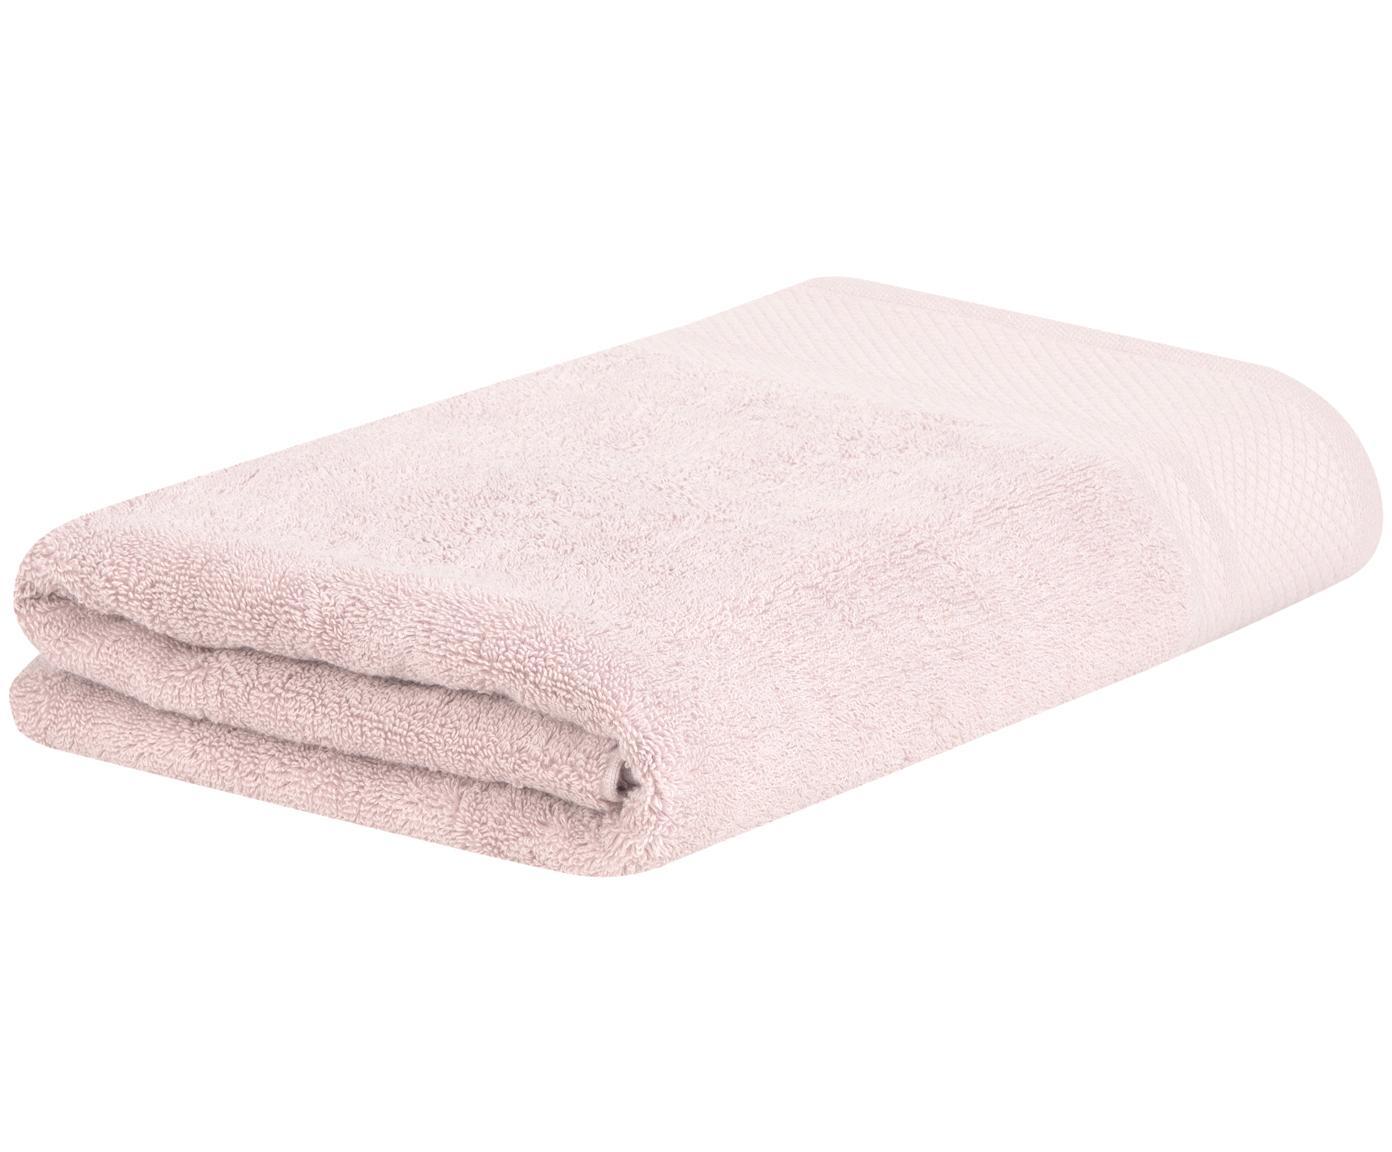 Handtuch Premium in verschiedenen Grössen, mit klassischer Zierbordüre, Altrosa, XS Gästehandtuch